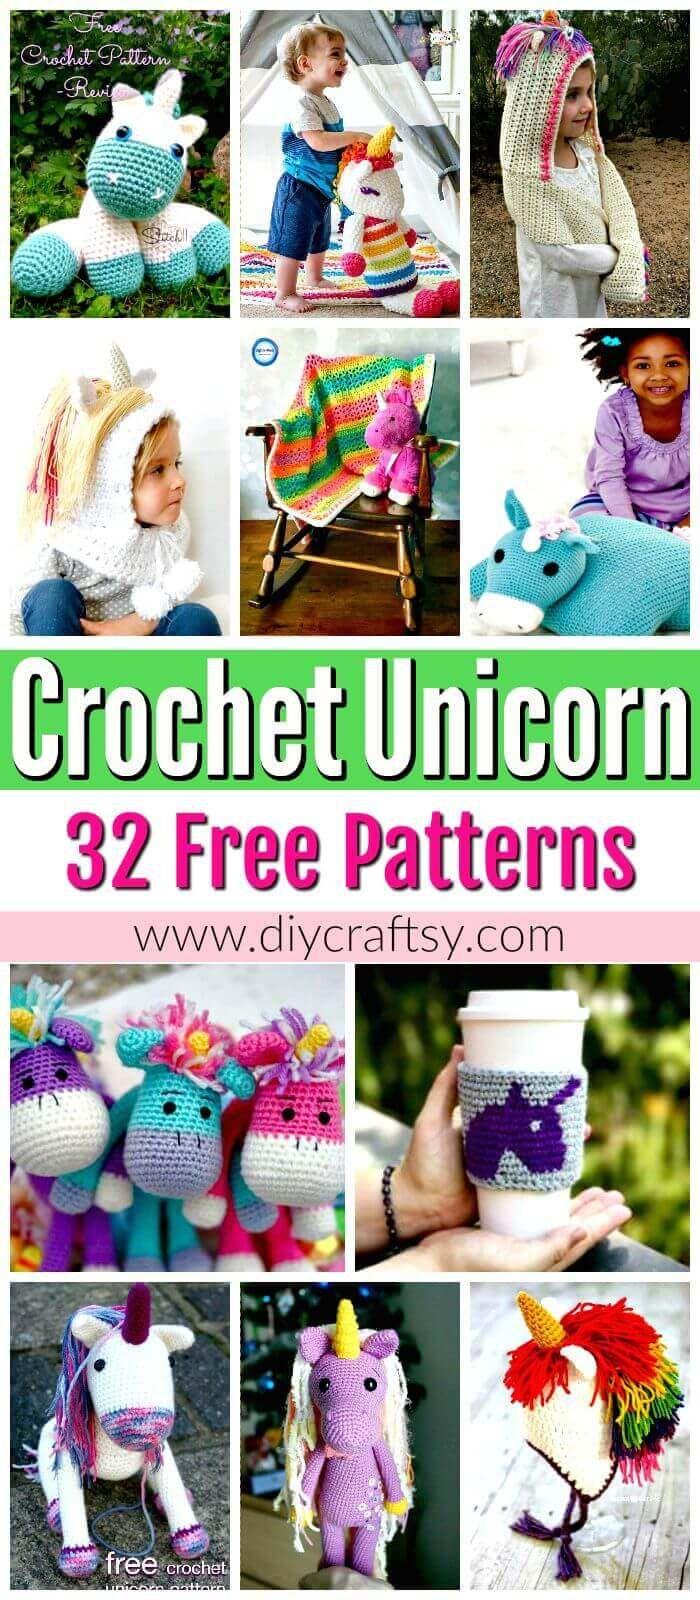 Crochet Unicorn Pattern 32 Free Crochet Patterns Crochet